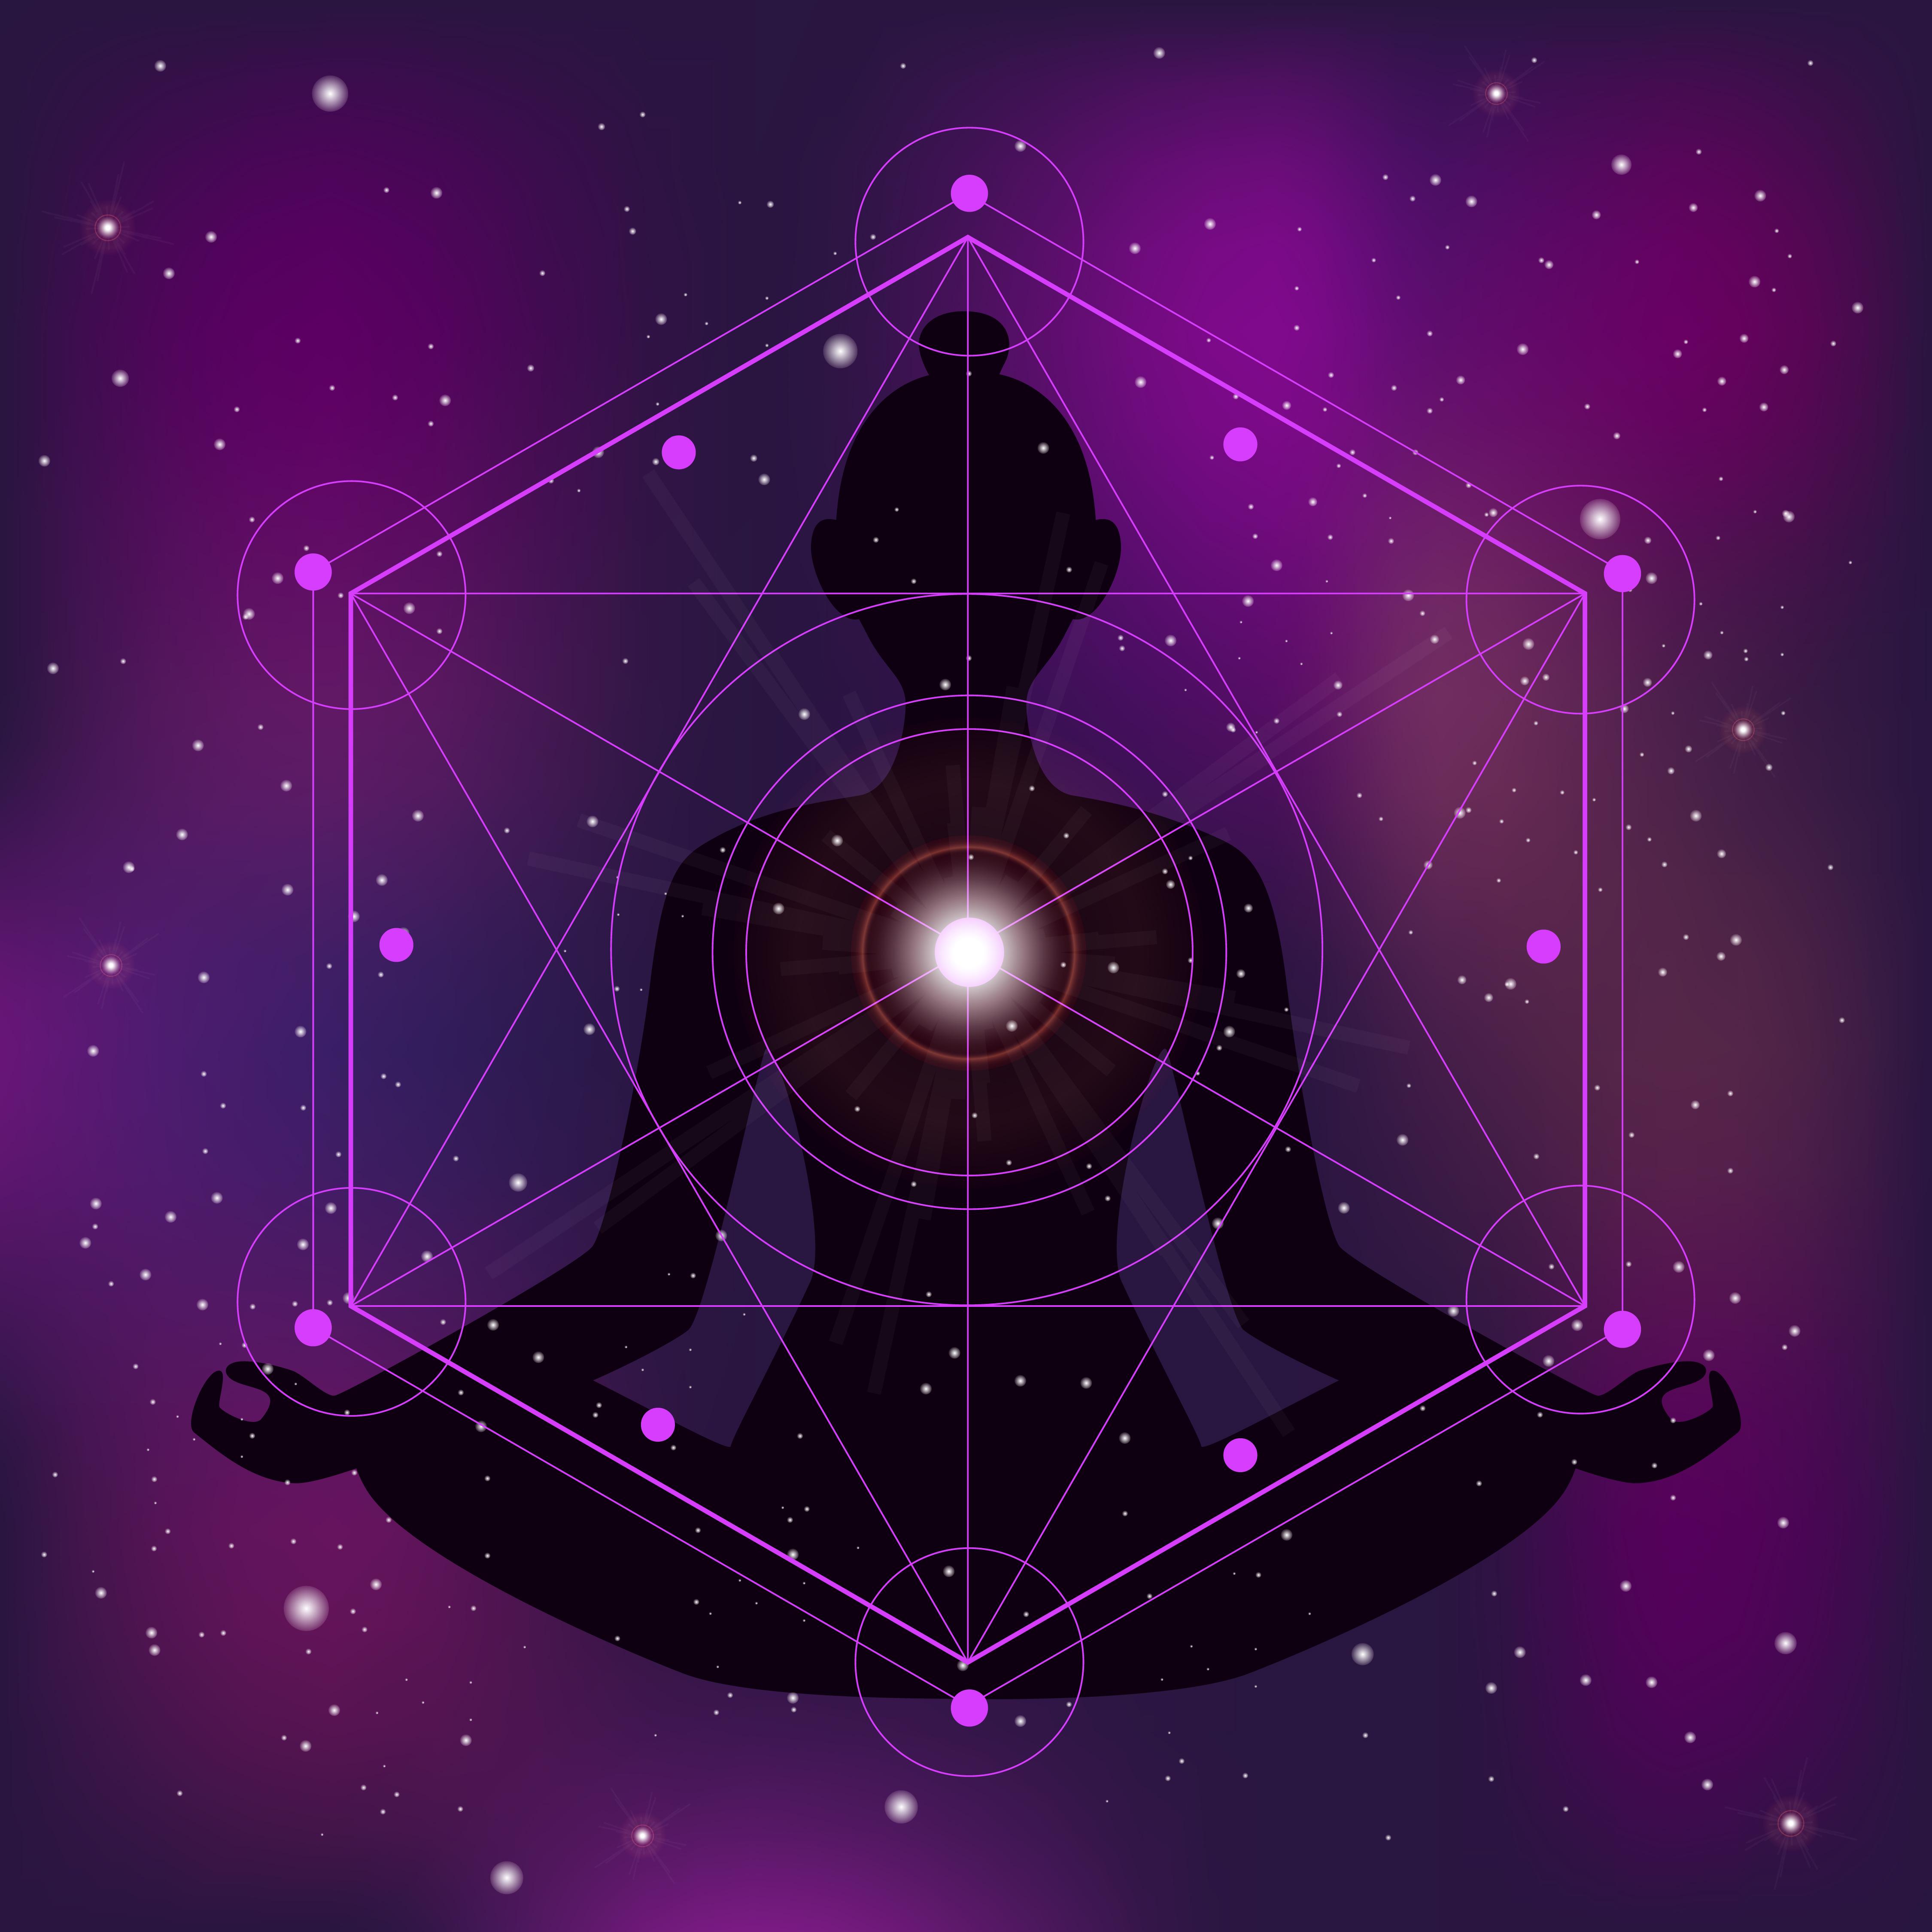 Sacred Geometry Zen Illustration Download Free Vectors